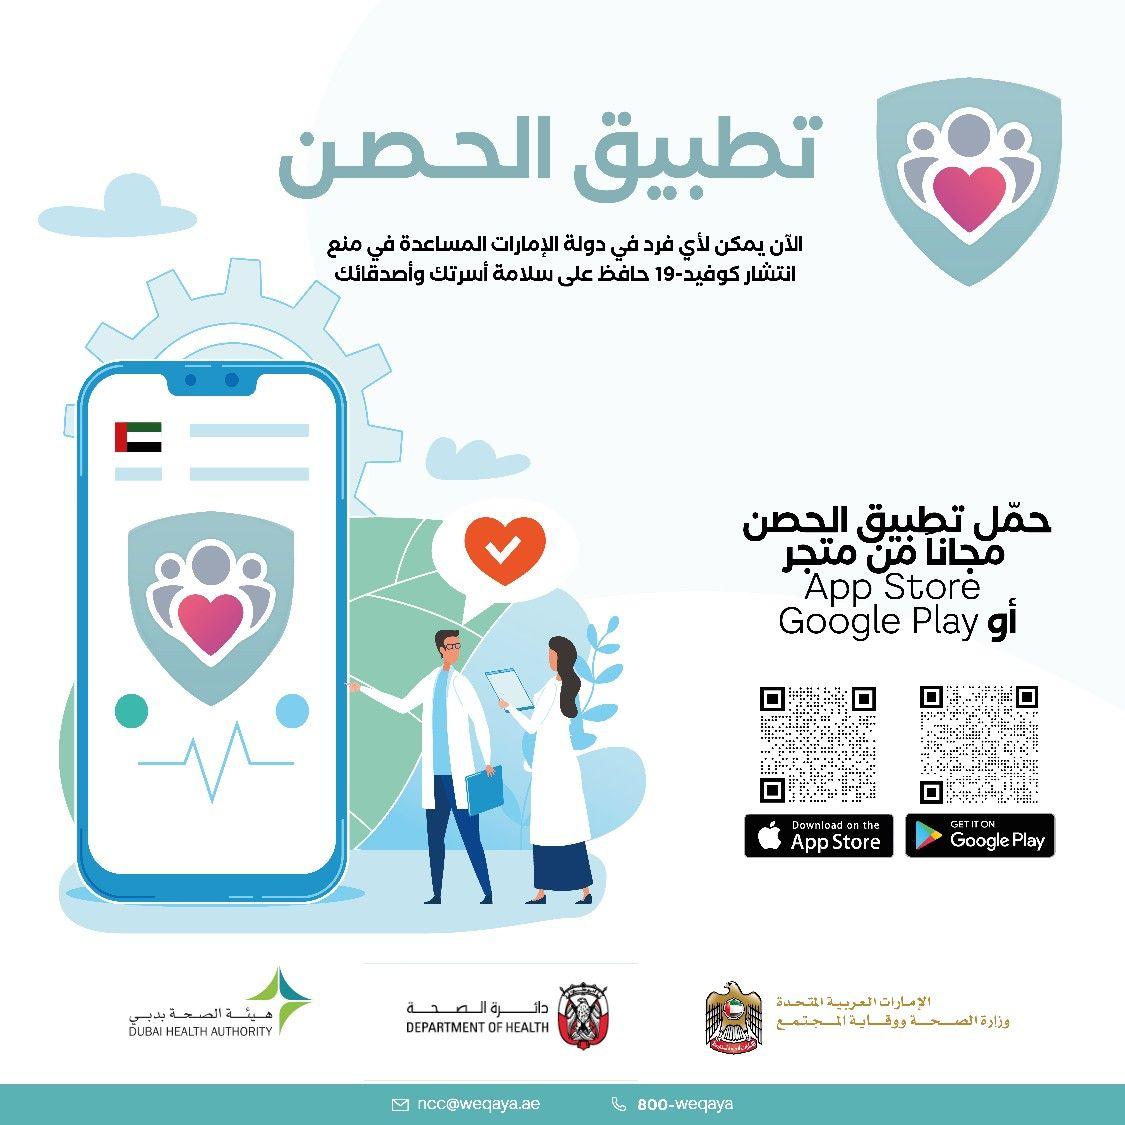 تطبيق الحصن Nurse Art App Store Google Play How To Get